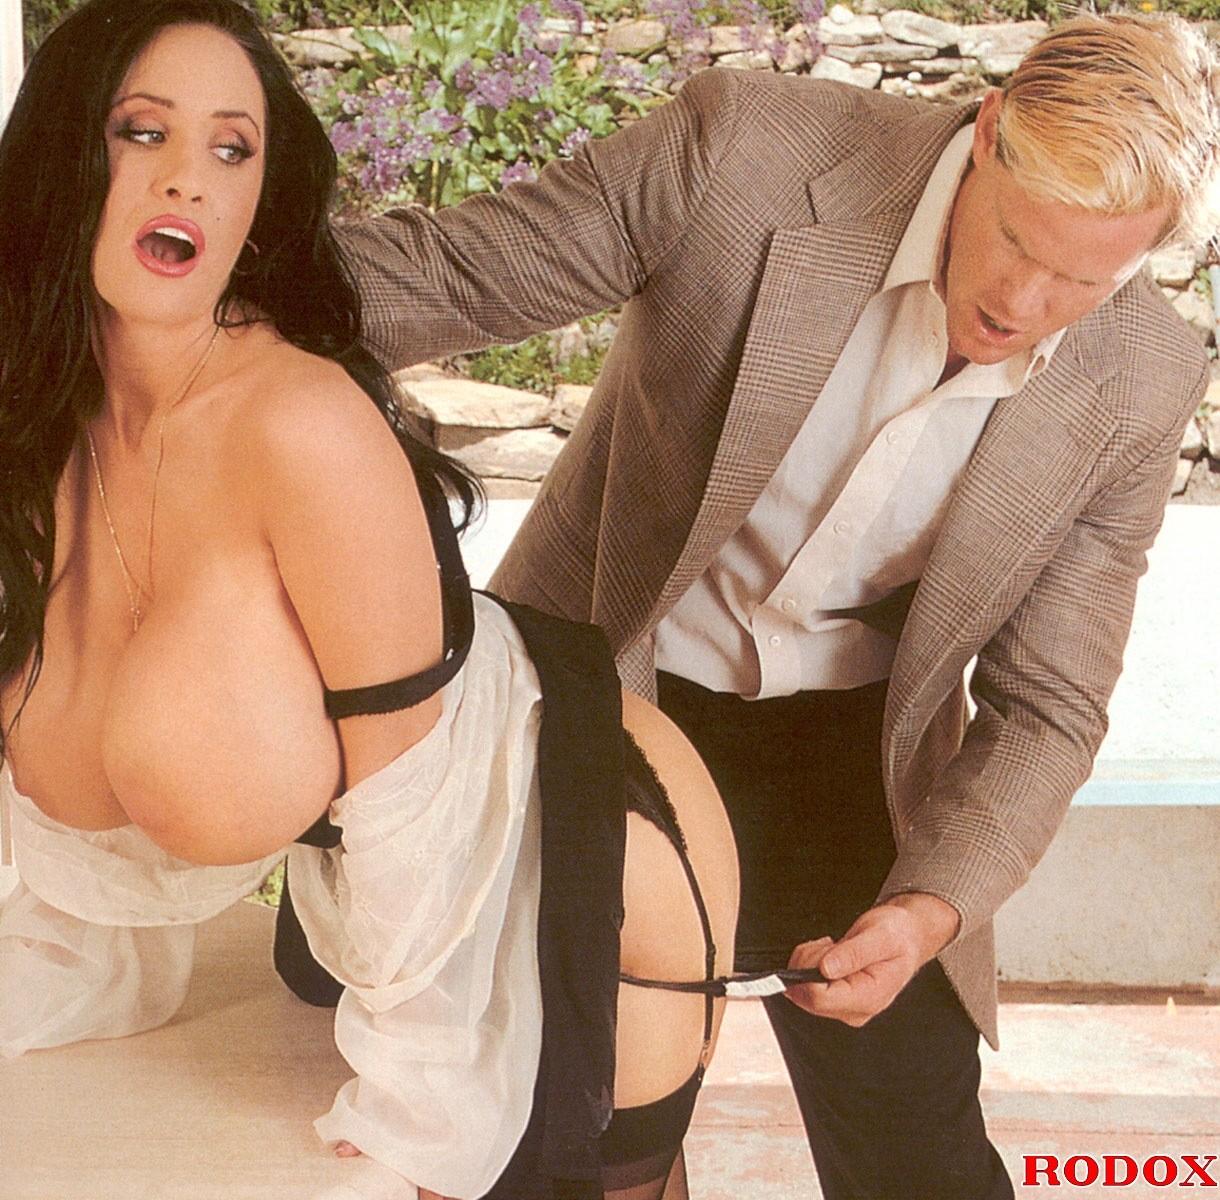 Шатенка с громадными буферами манит мужчину и он с широкой страстью овладевает ее торсом